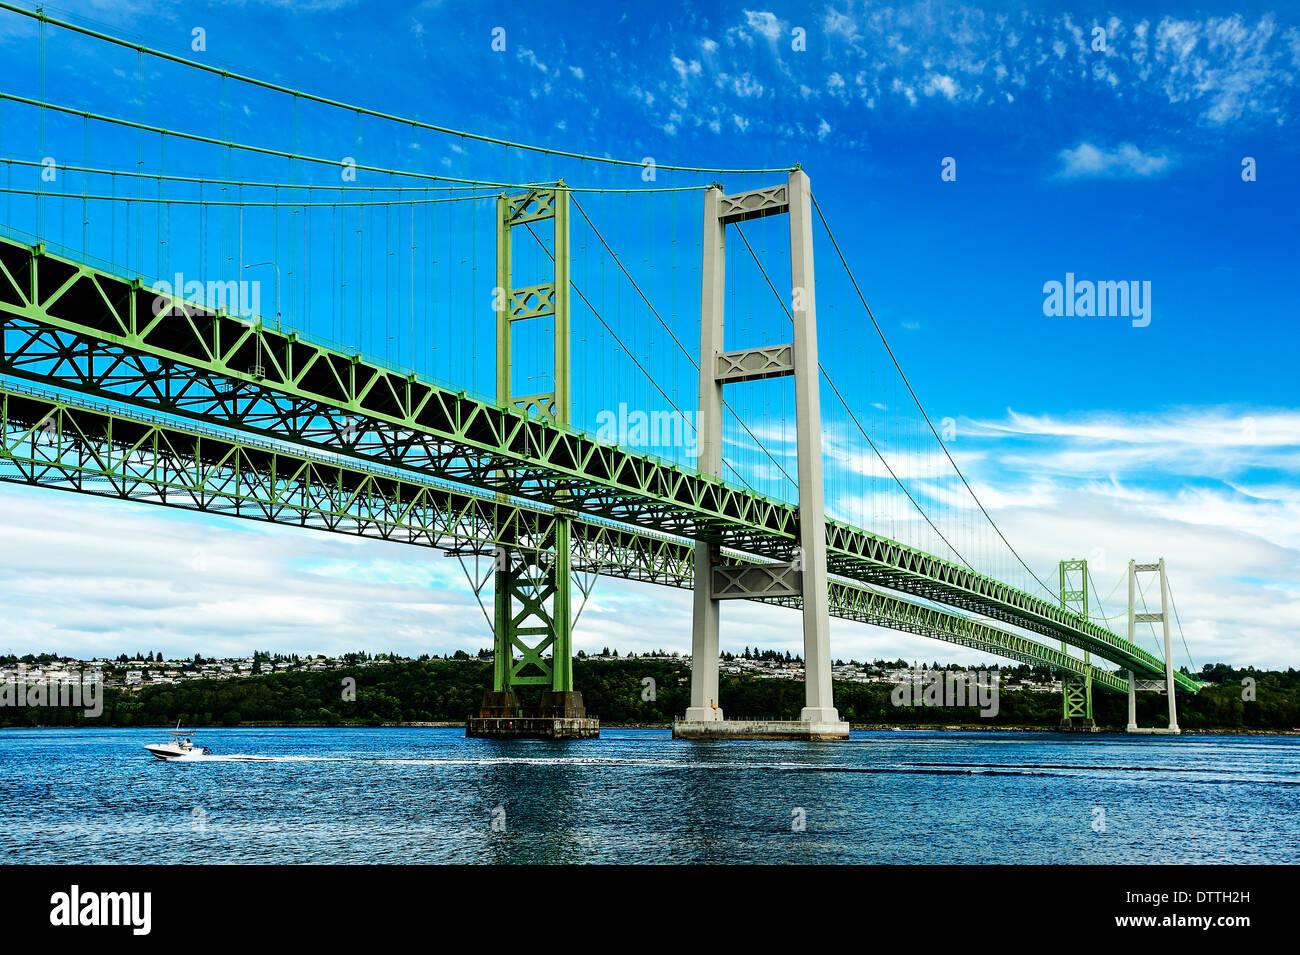 Narrows Bridge, Tacoma, Washington, United States Photo Stock